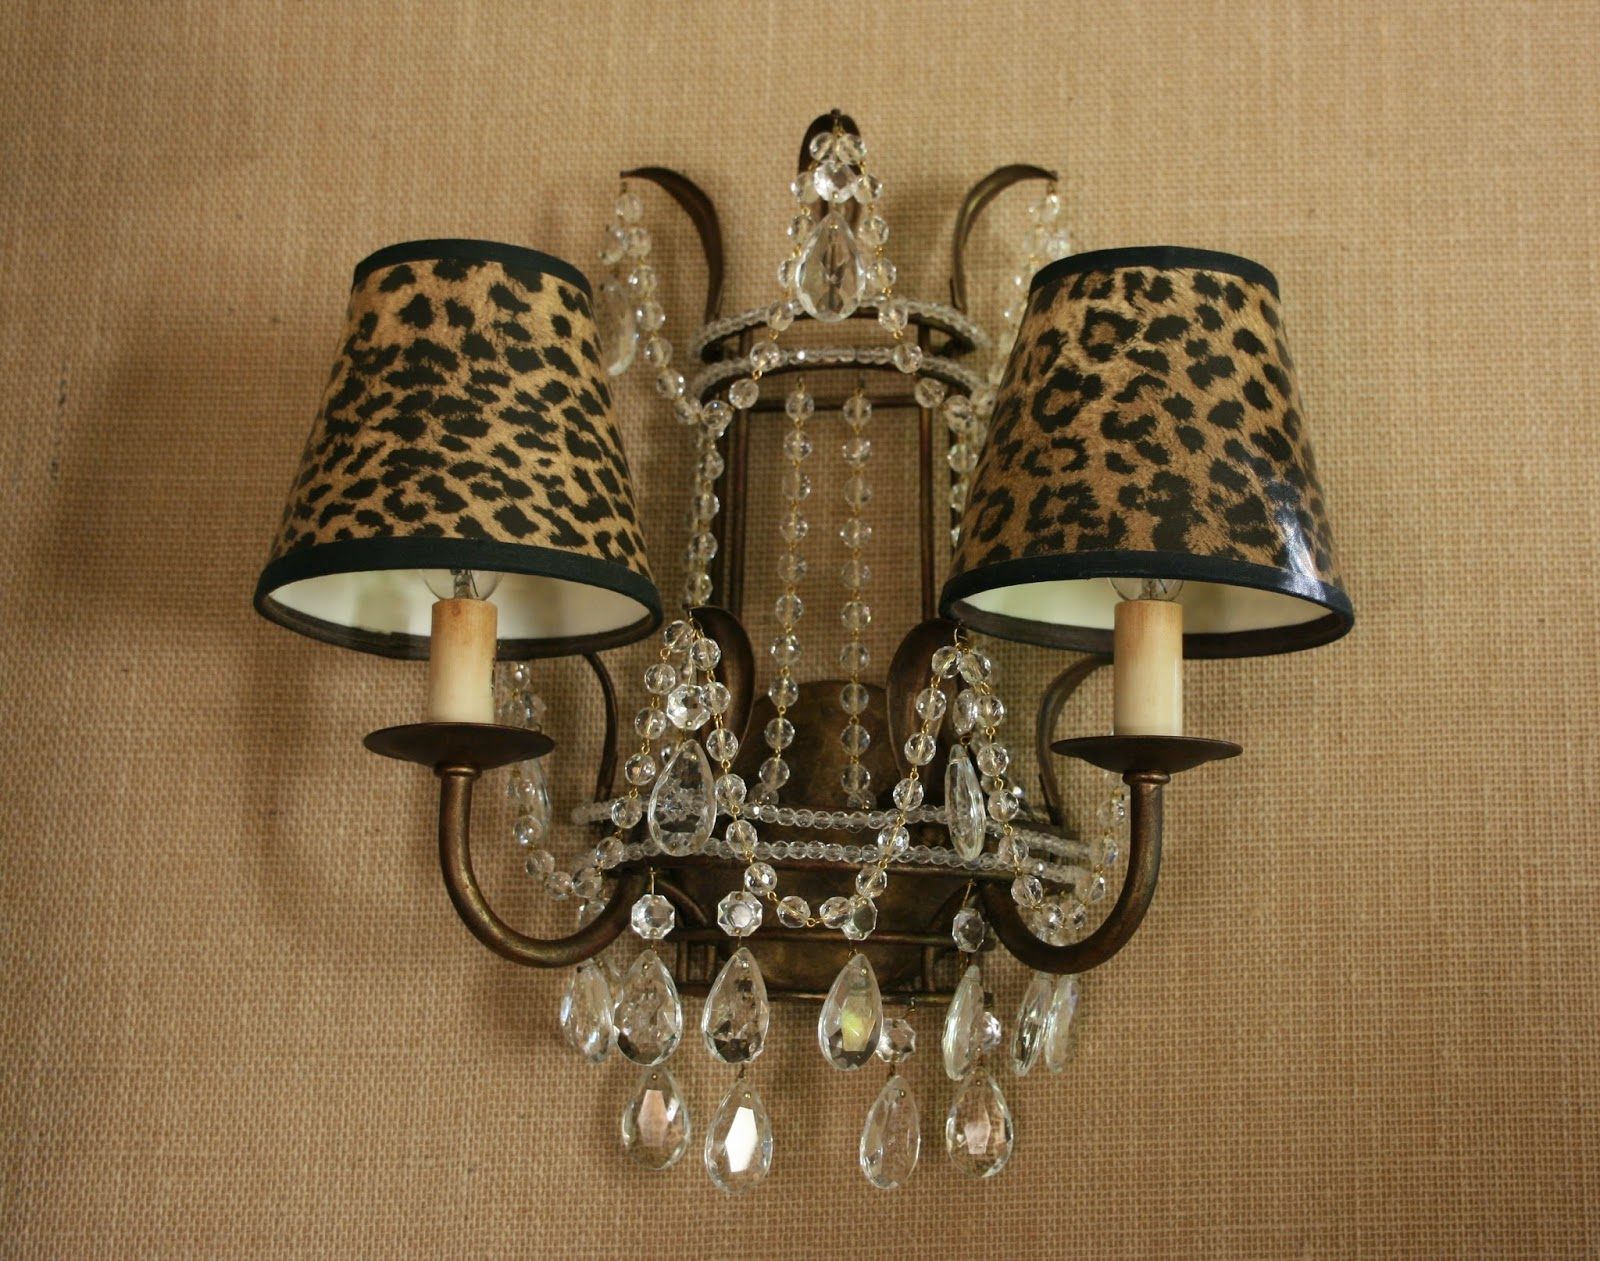 vignette design Long Live Classic Decor Leopard Prints